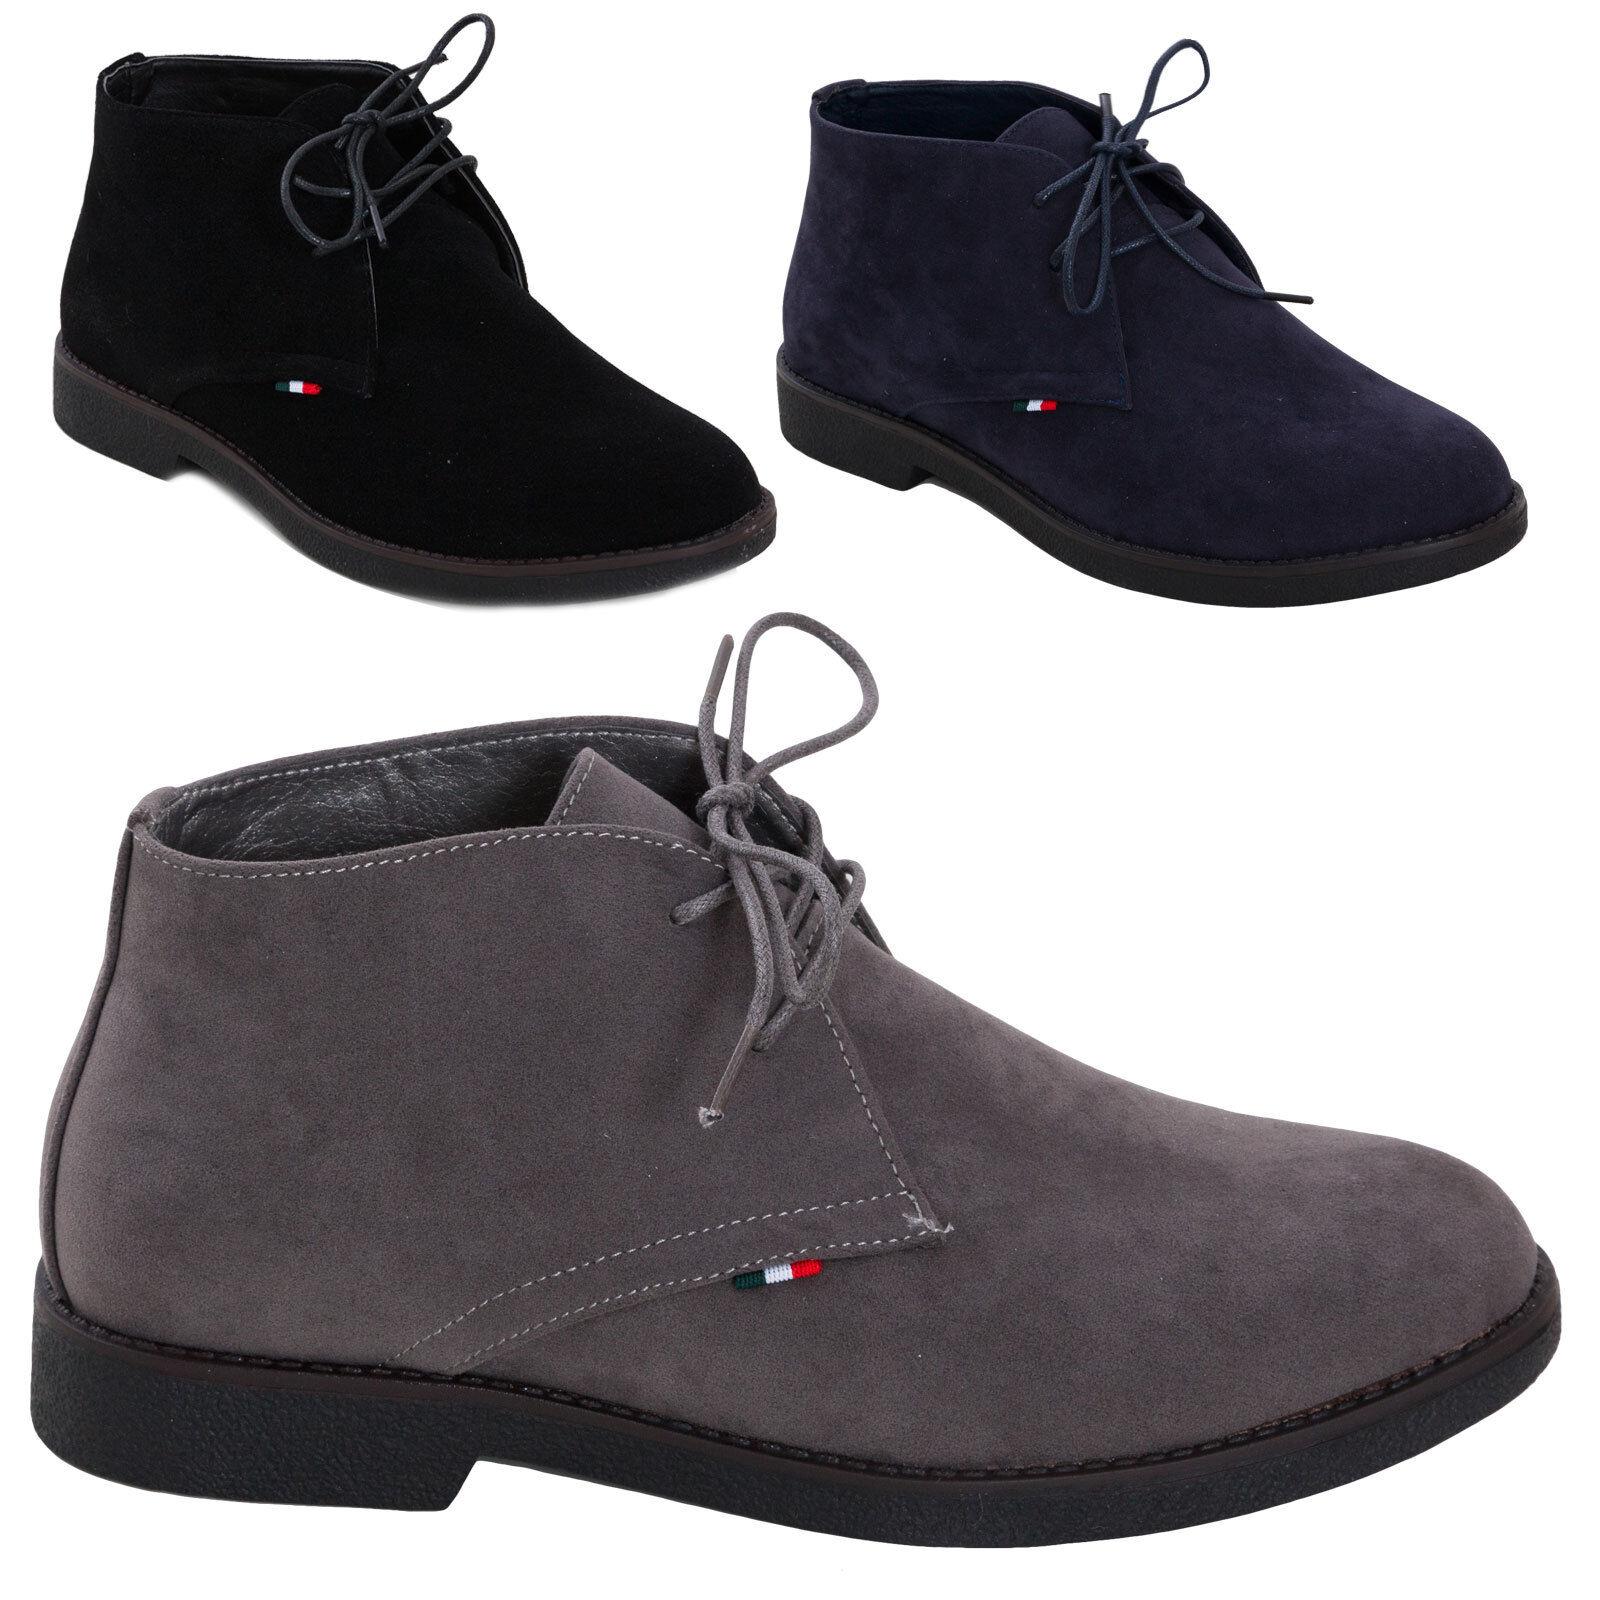 Men's shoes booties boots boots velour lace-up shoes suede elegant laces QP5883